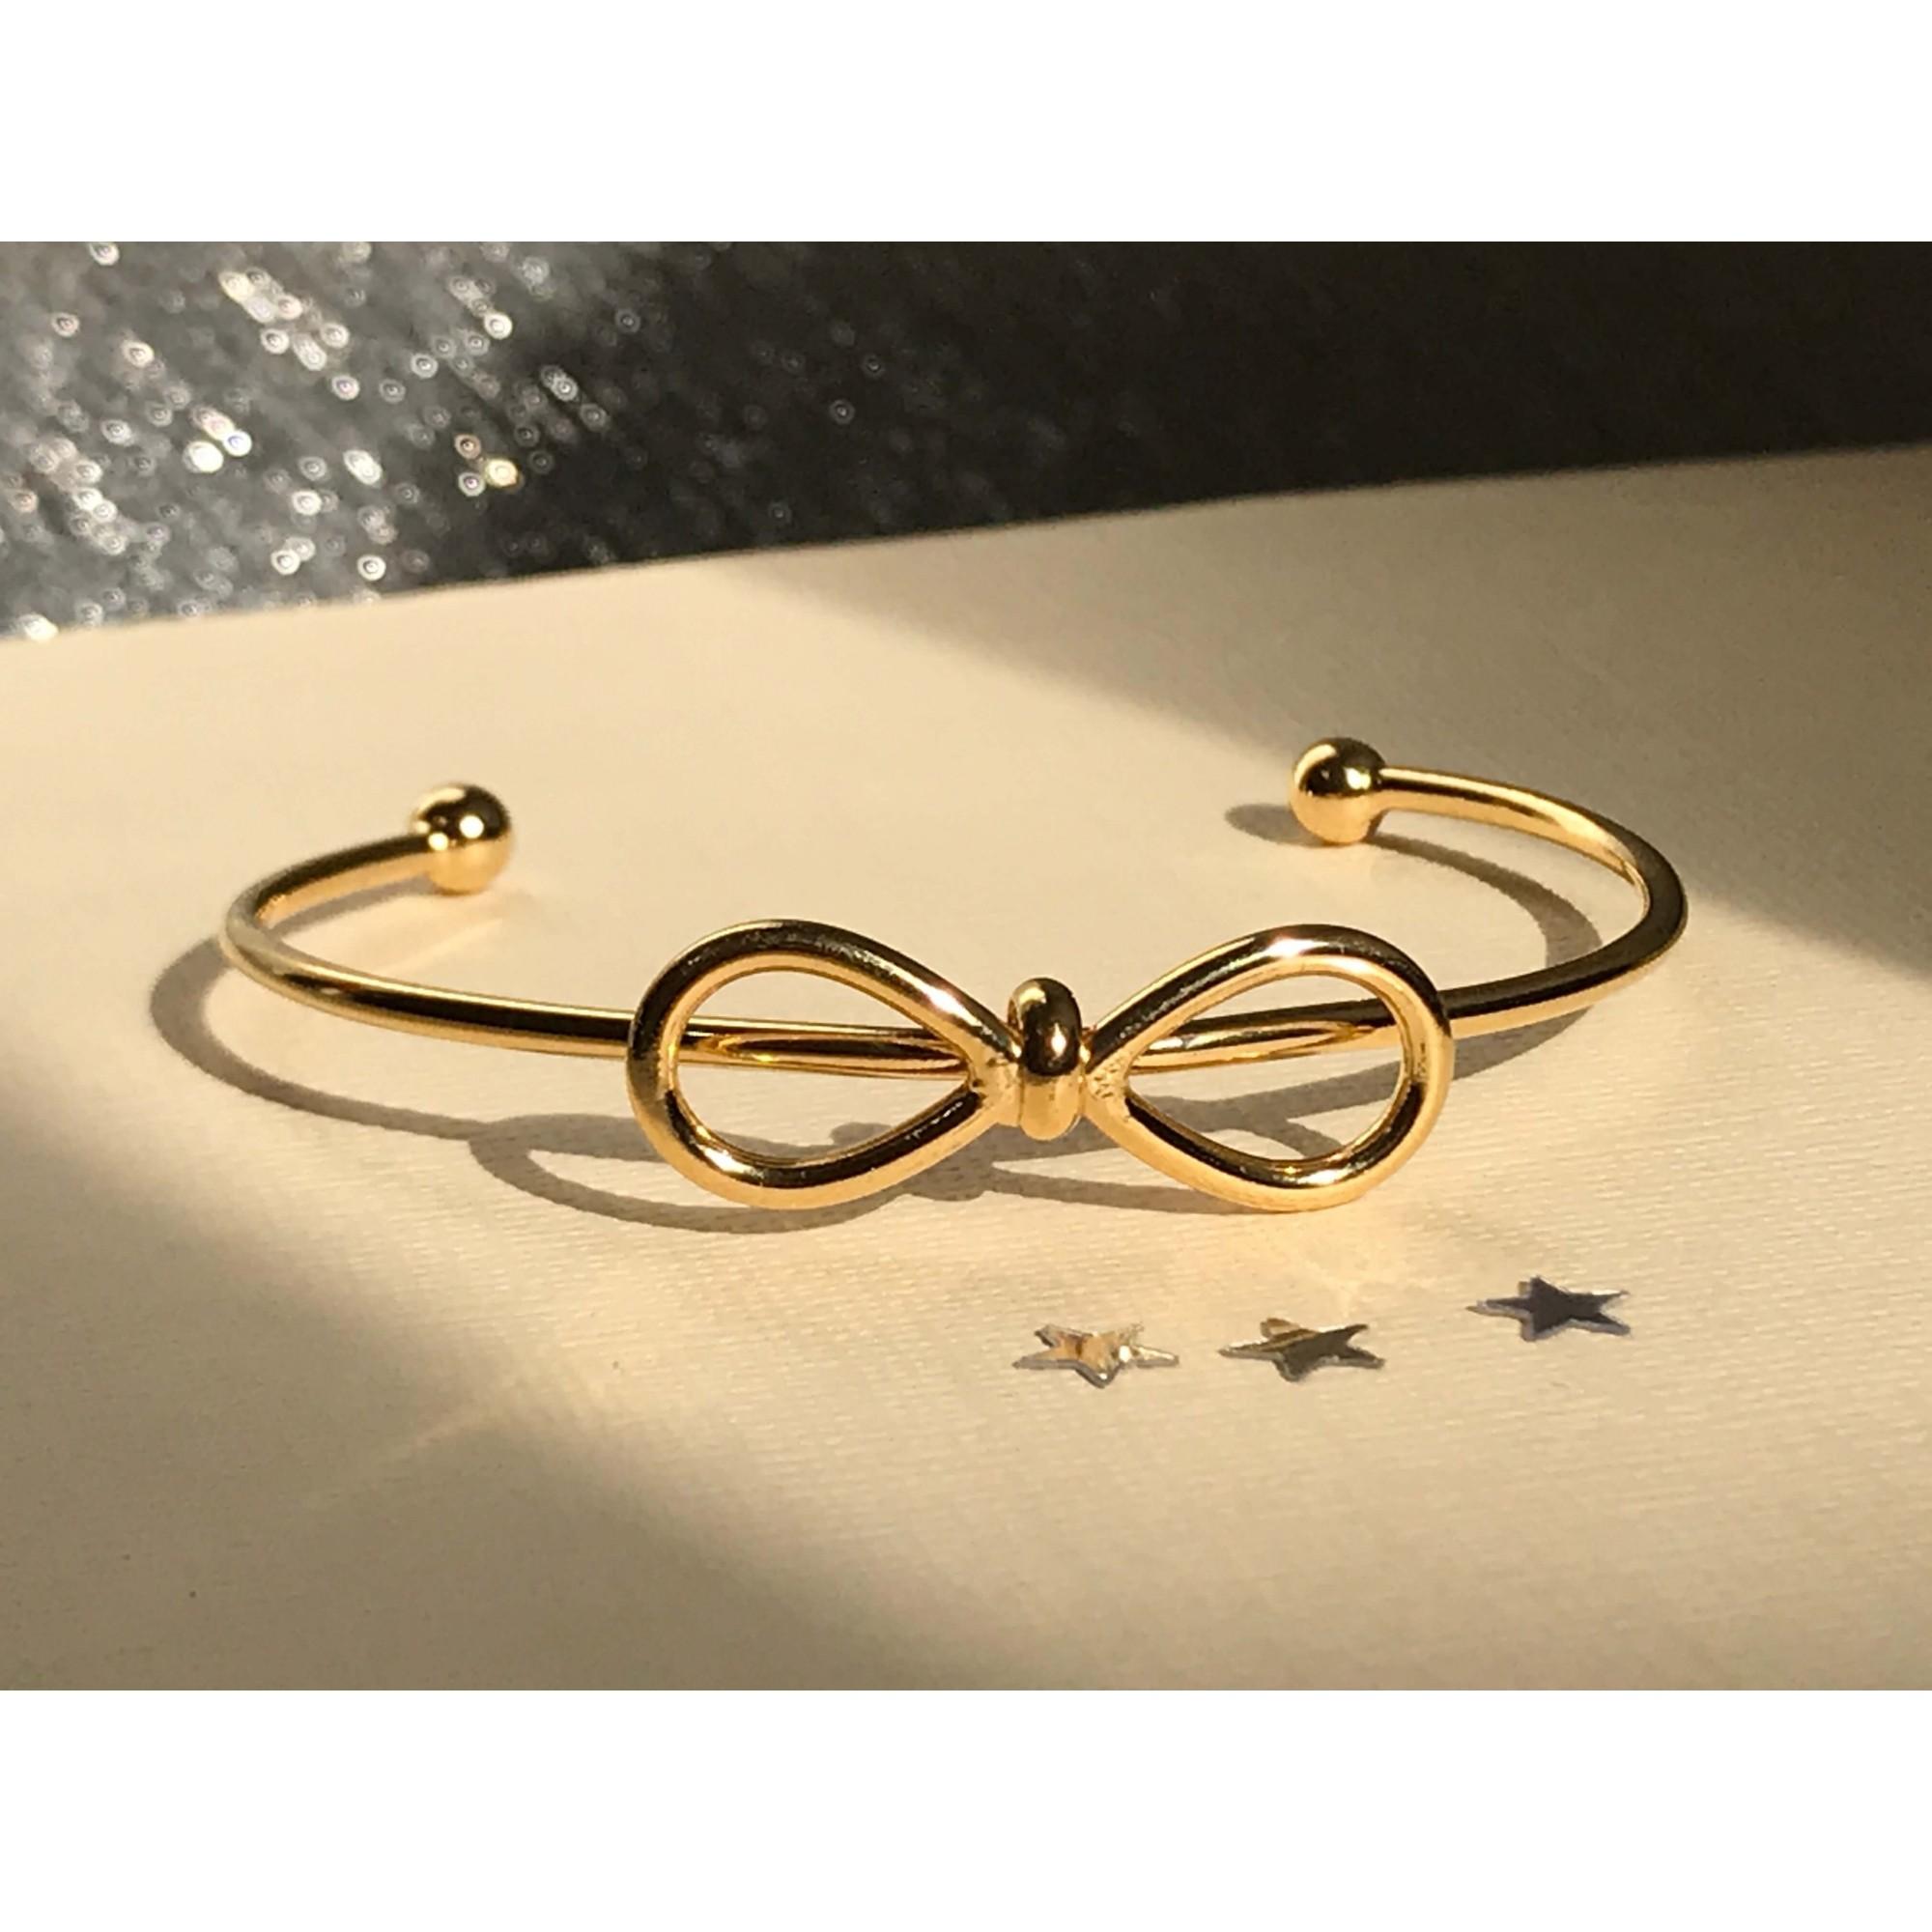 Bracelete de Laço banhado em Ouro 18k  Alice banhado em ouro 18k